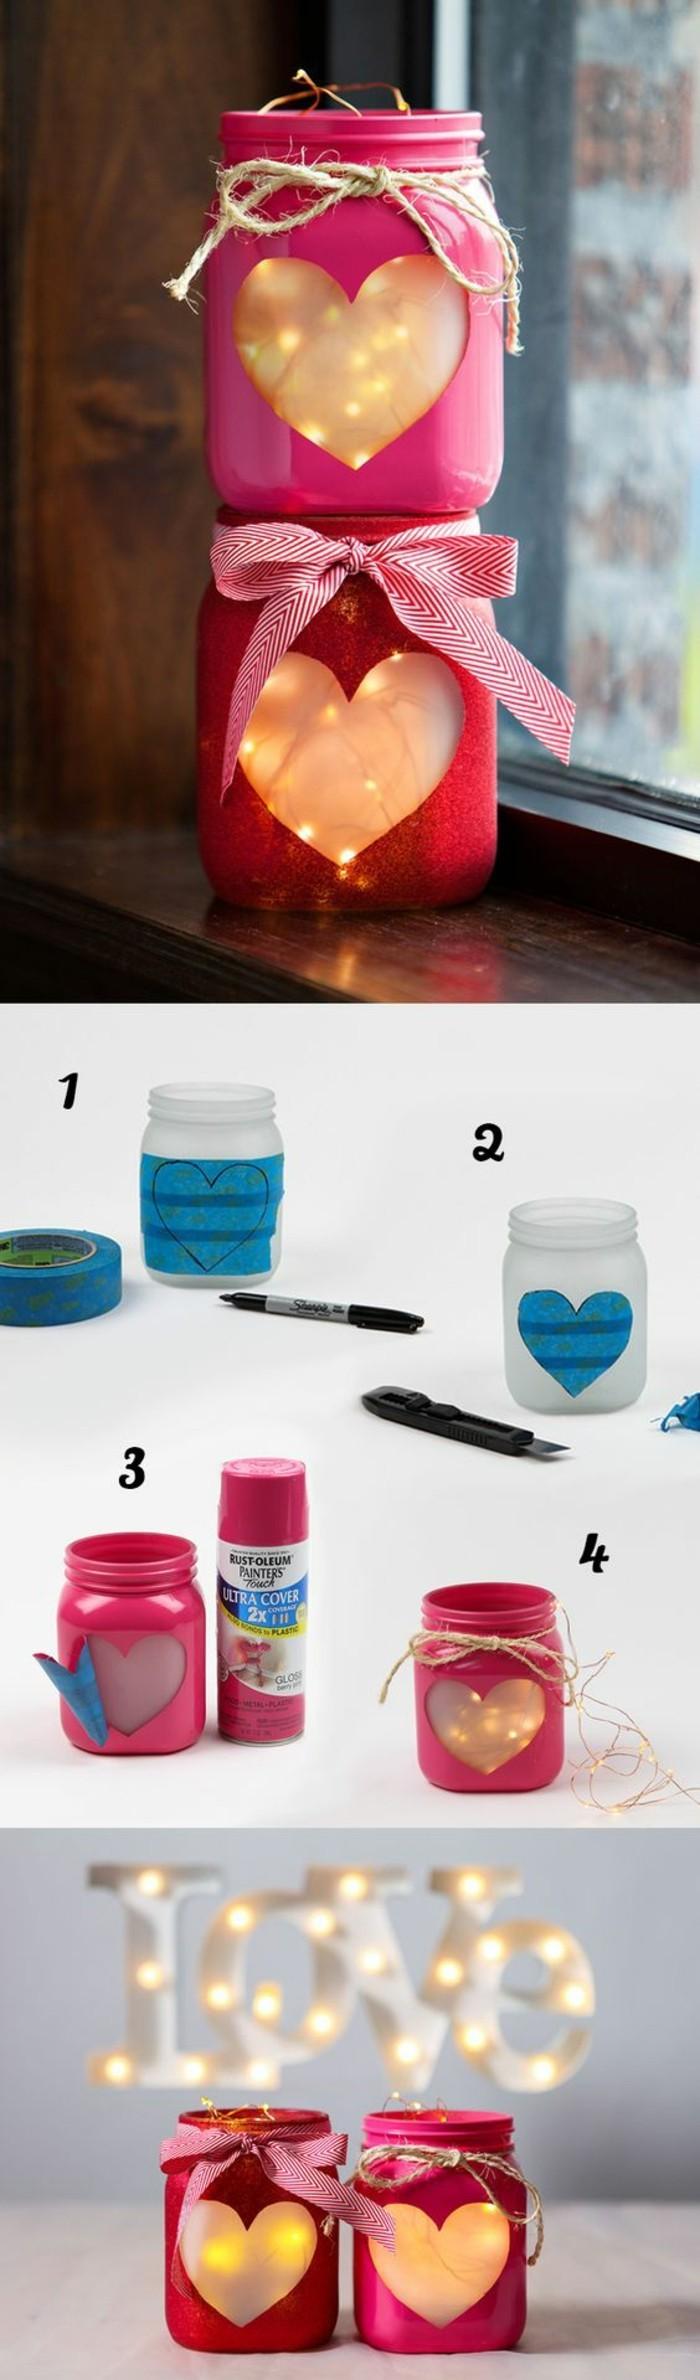 Portacandele di vetro, barattoli di vetro dipinti, tutorial per decorare i barattoli di vetro